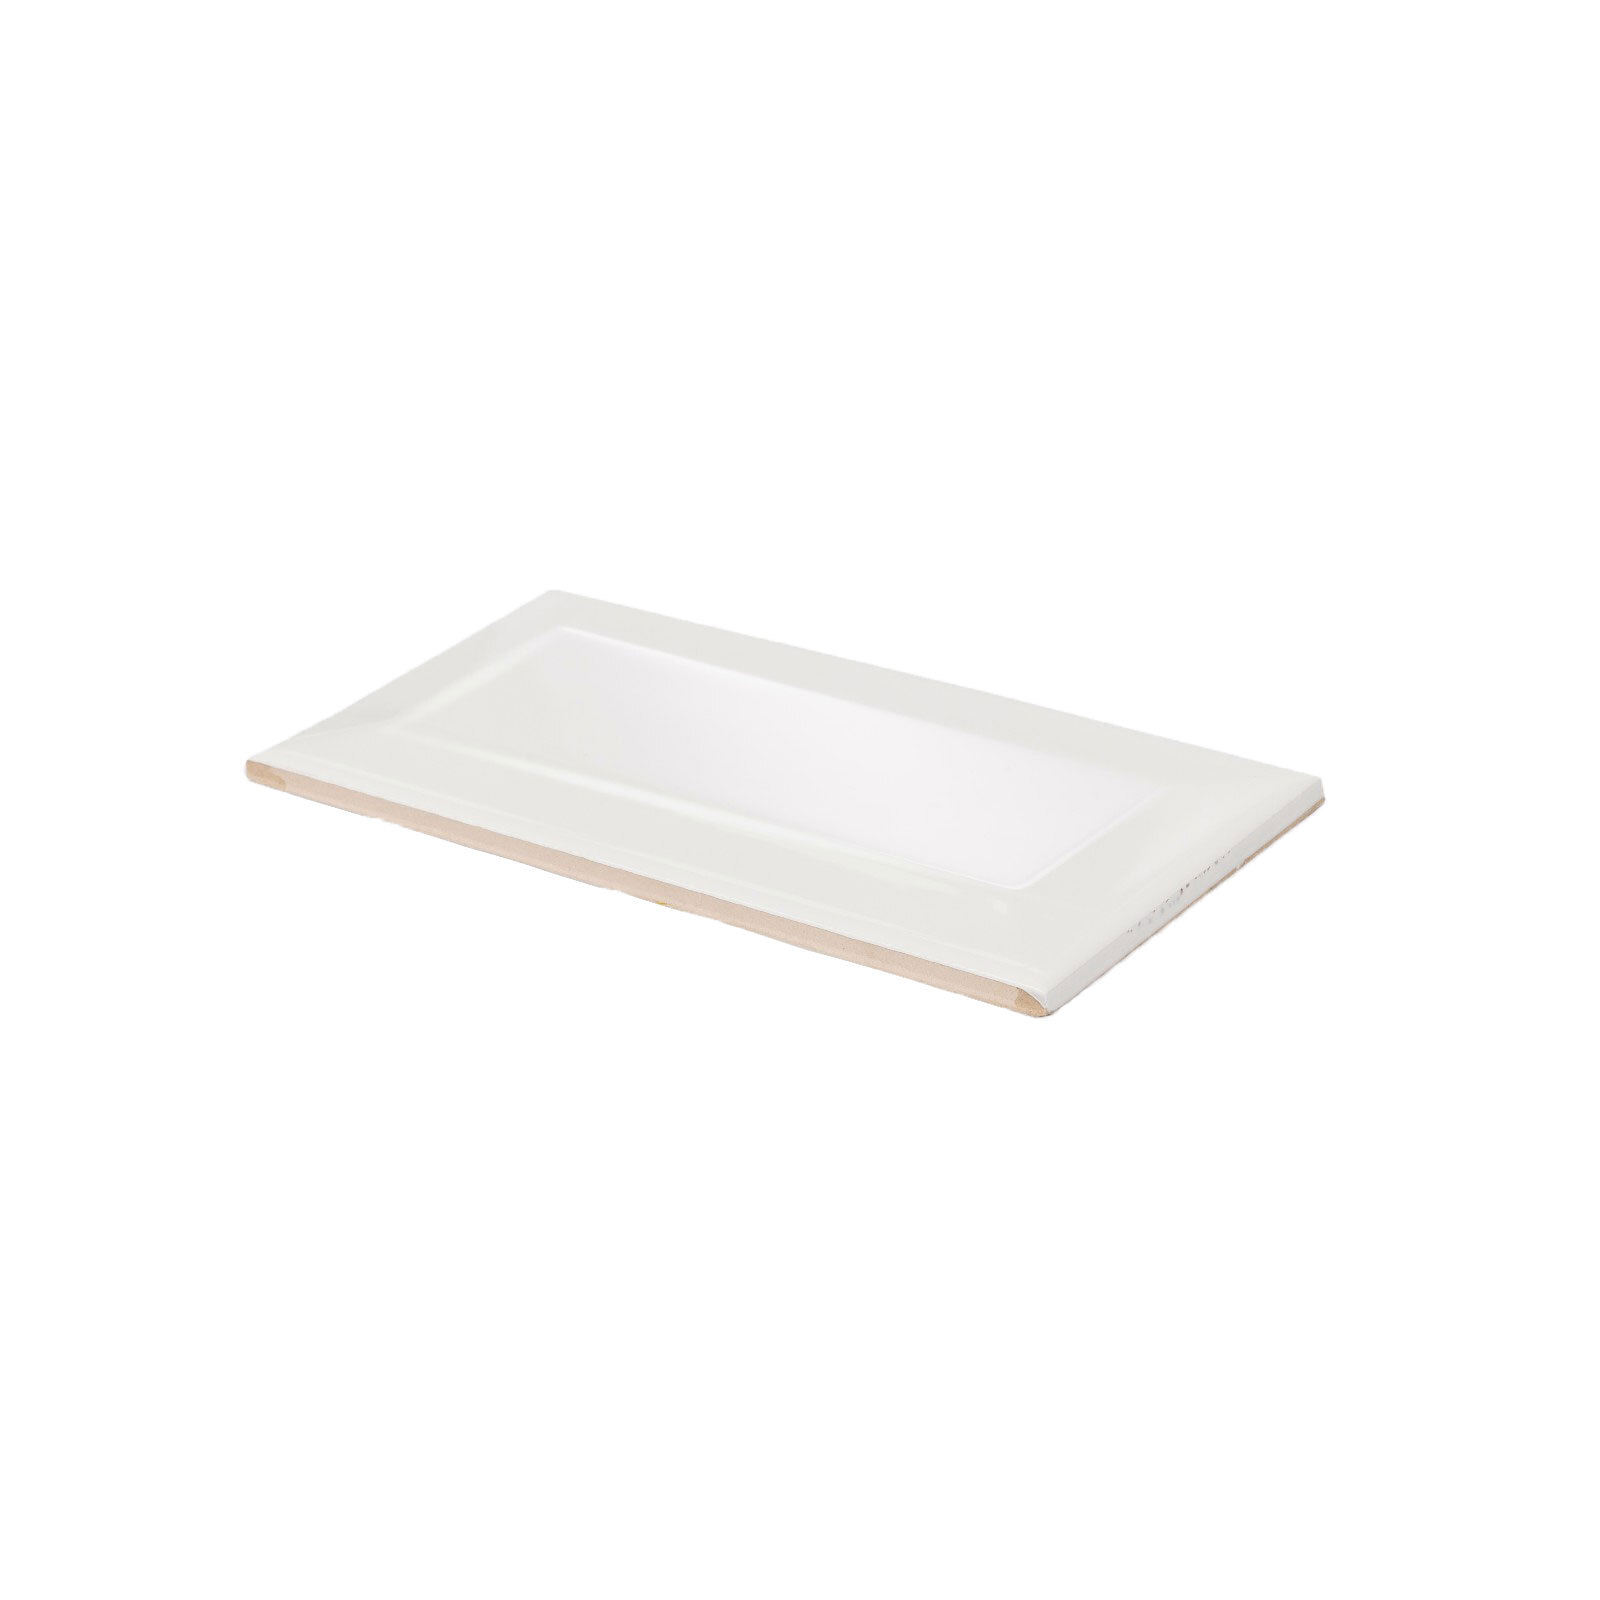 Decor8 152 x 76mm White Bevel Manhattan Ceramic Wall Tiles - 88 Pack